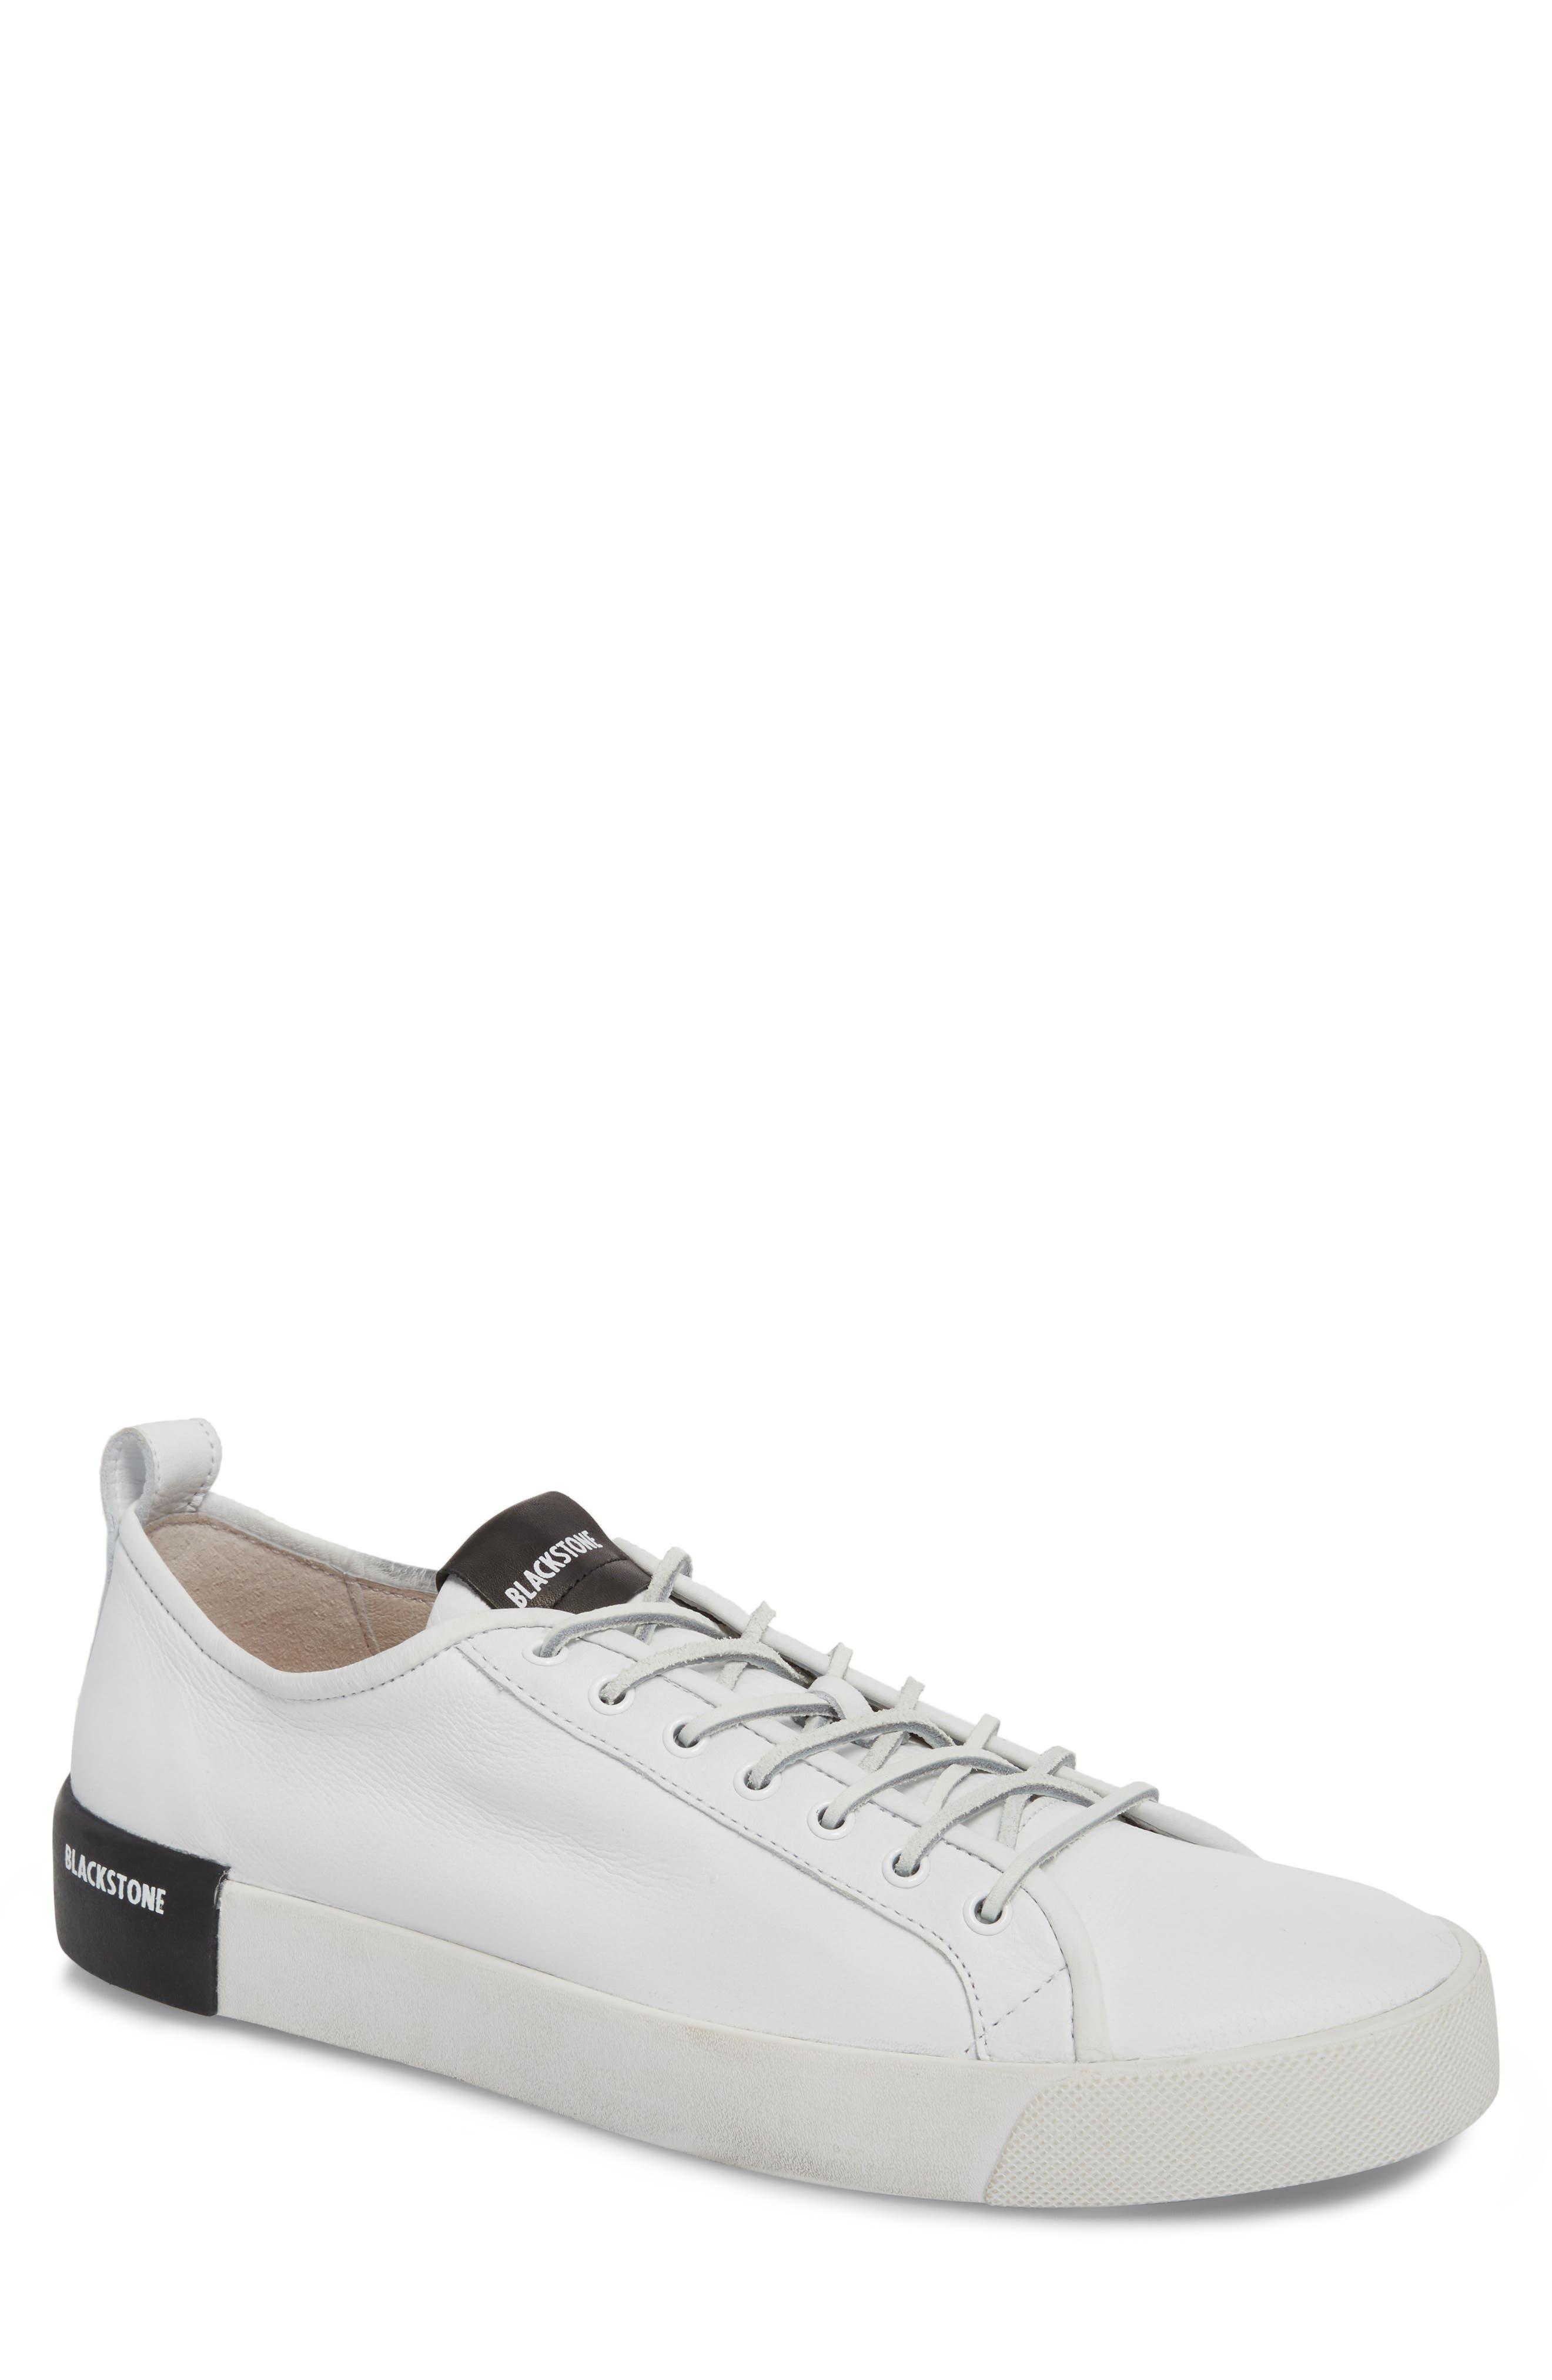 Blackstone Men's Pm66 Low Top Sneaker dQnFbosI4a